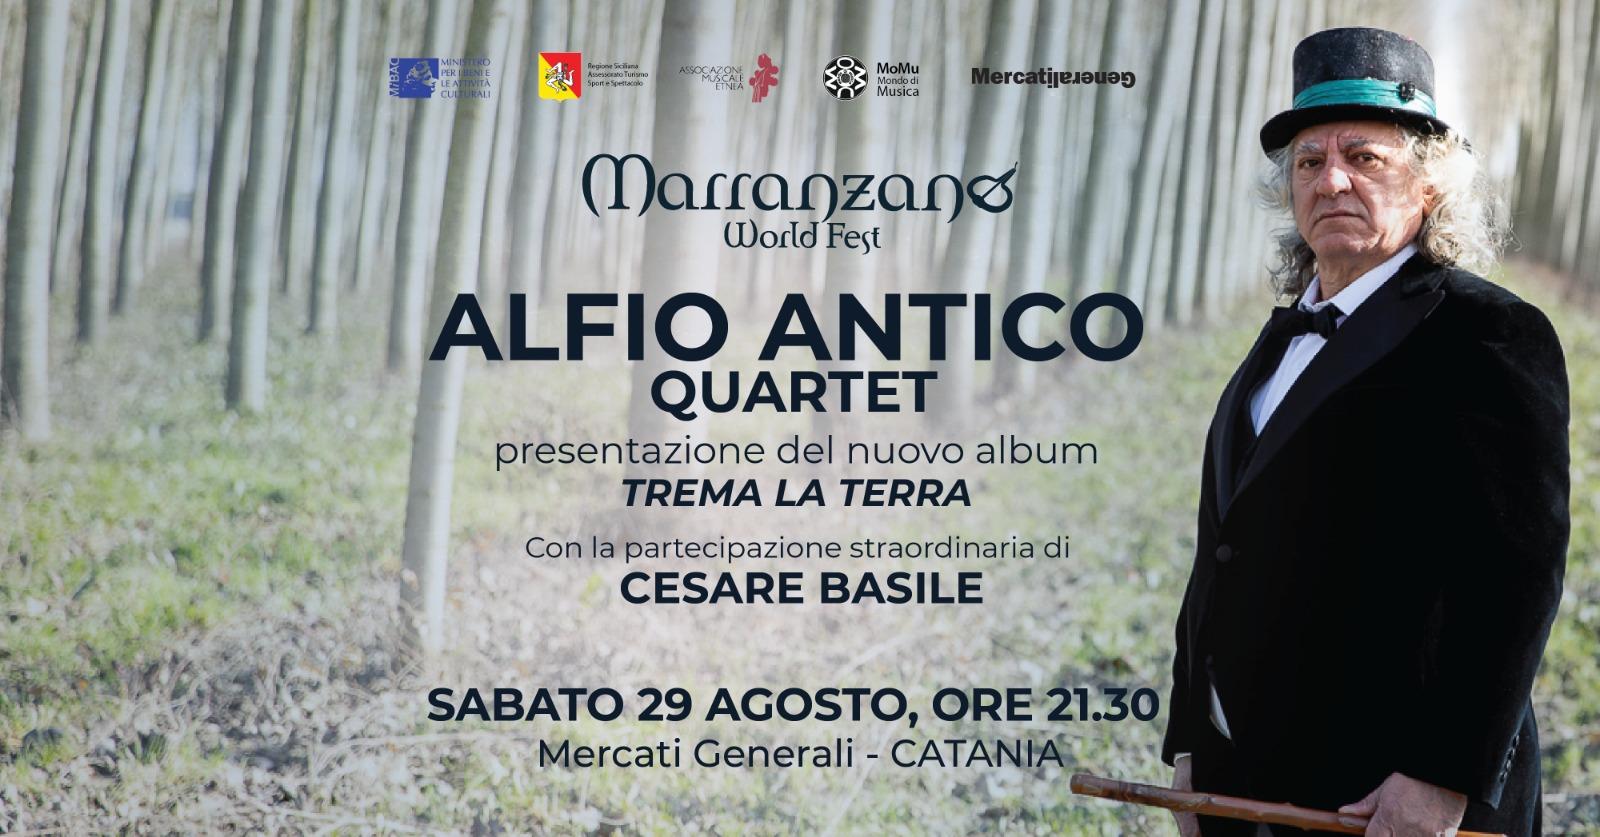 ALFIO ANTICO QUARTET